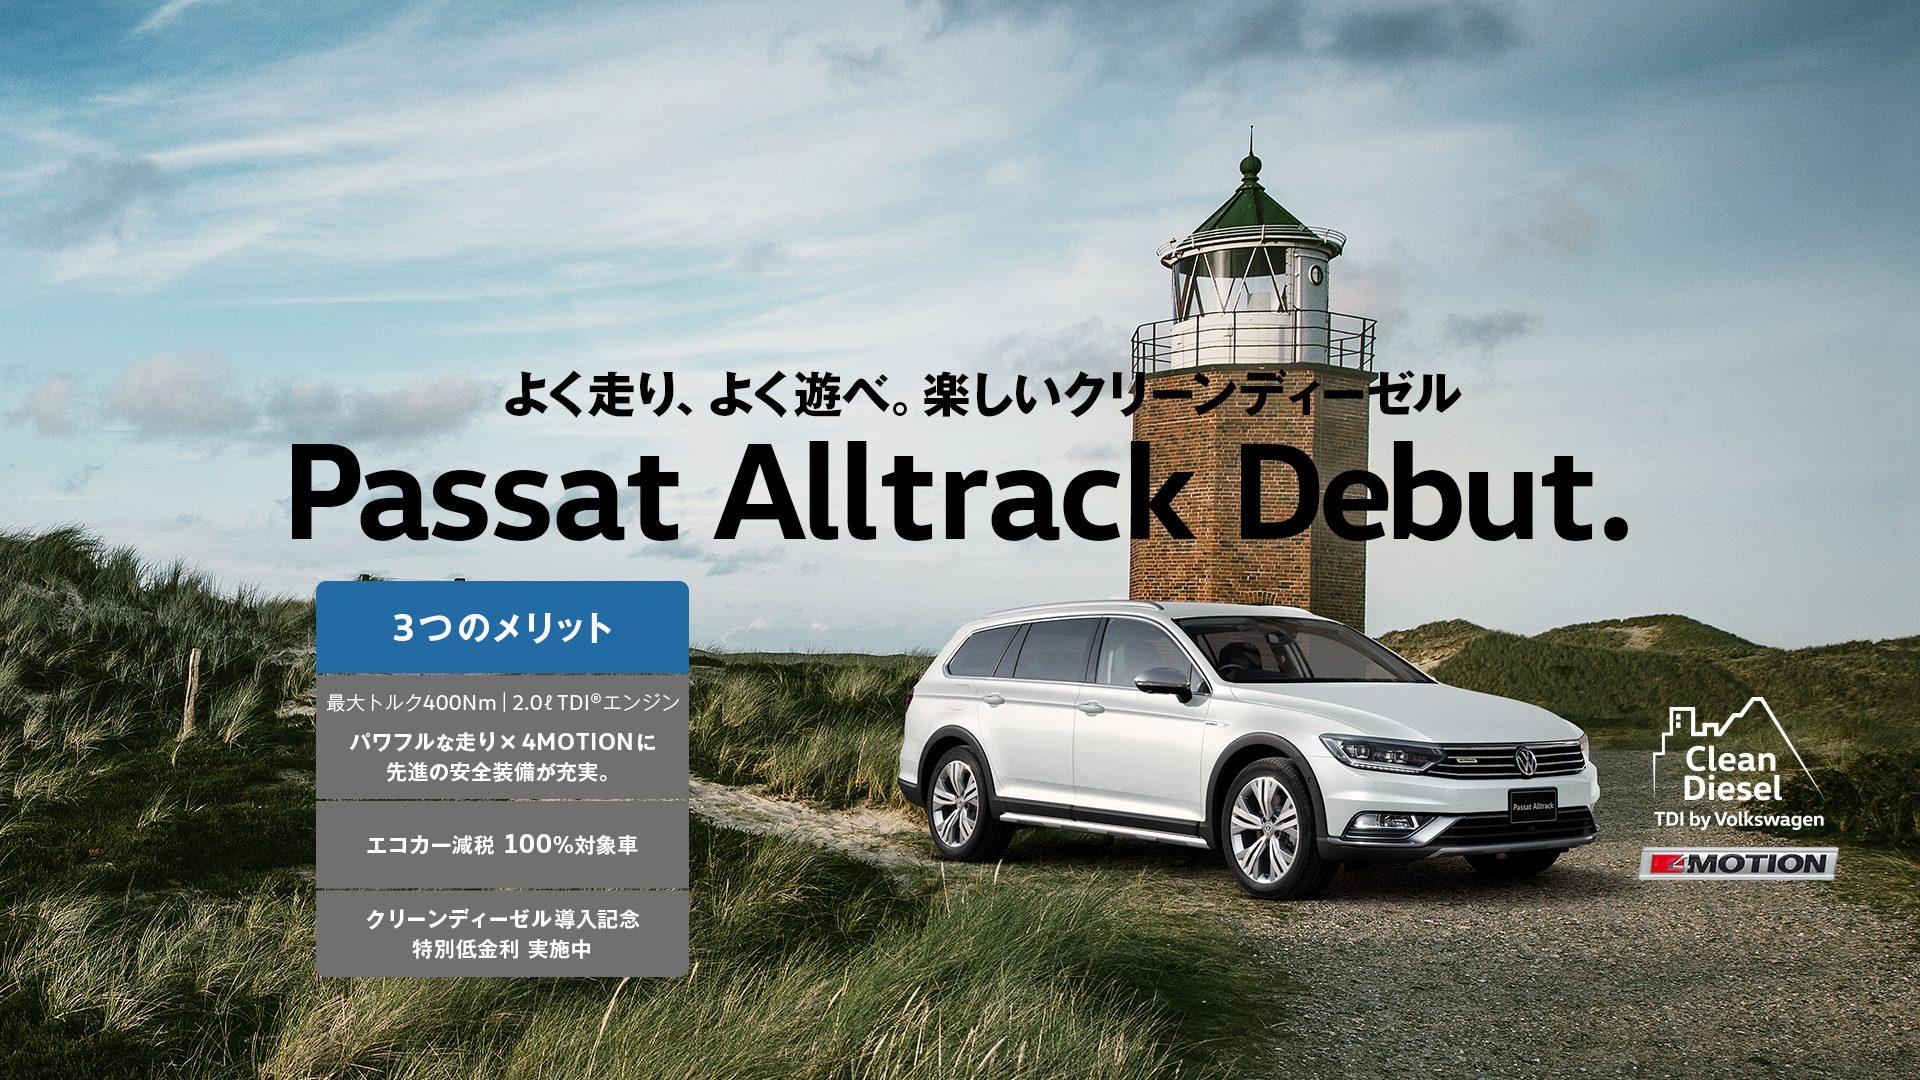 フォルクスワーゲン広島平和大通りPassat Alltrackデビュー